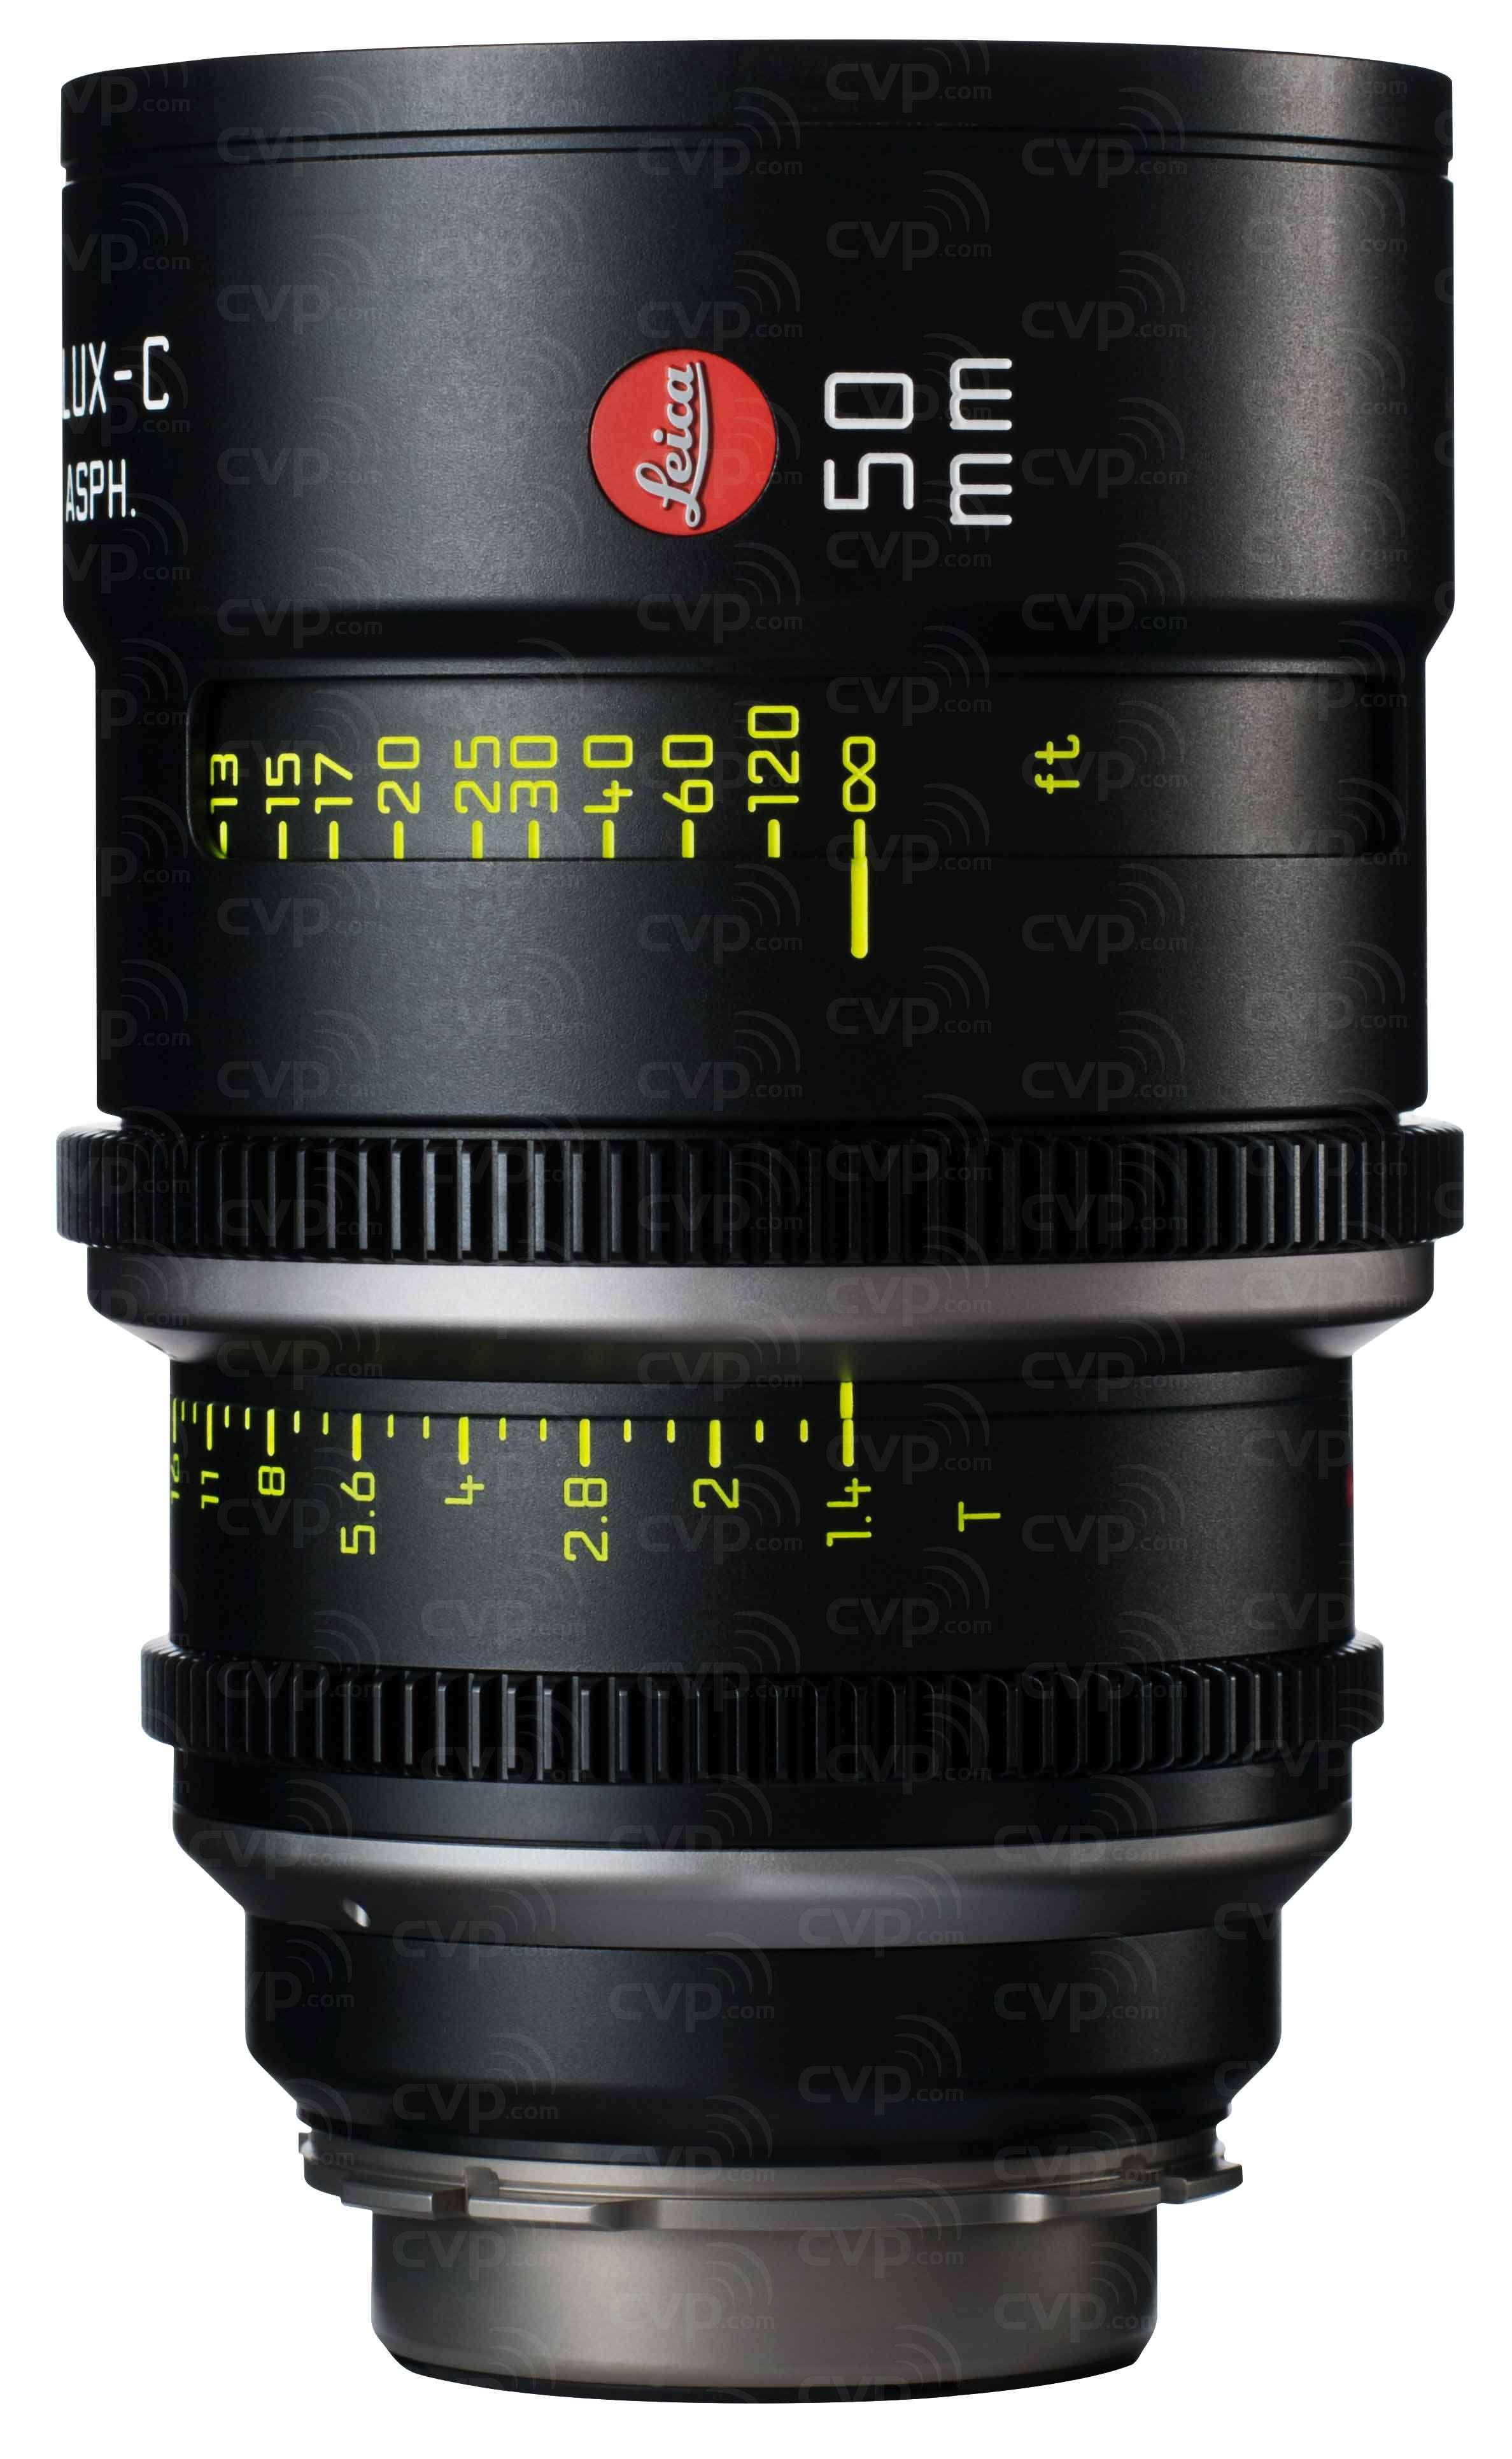 Leica 50mm T1.4 Summilux-C Cine Lens - PL Mount (Imperial)